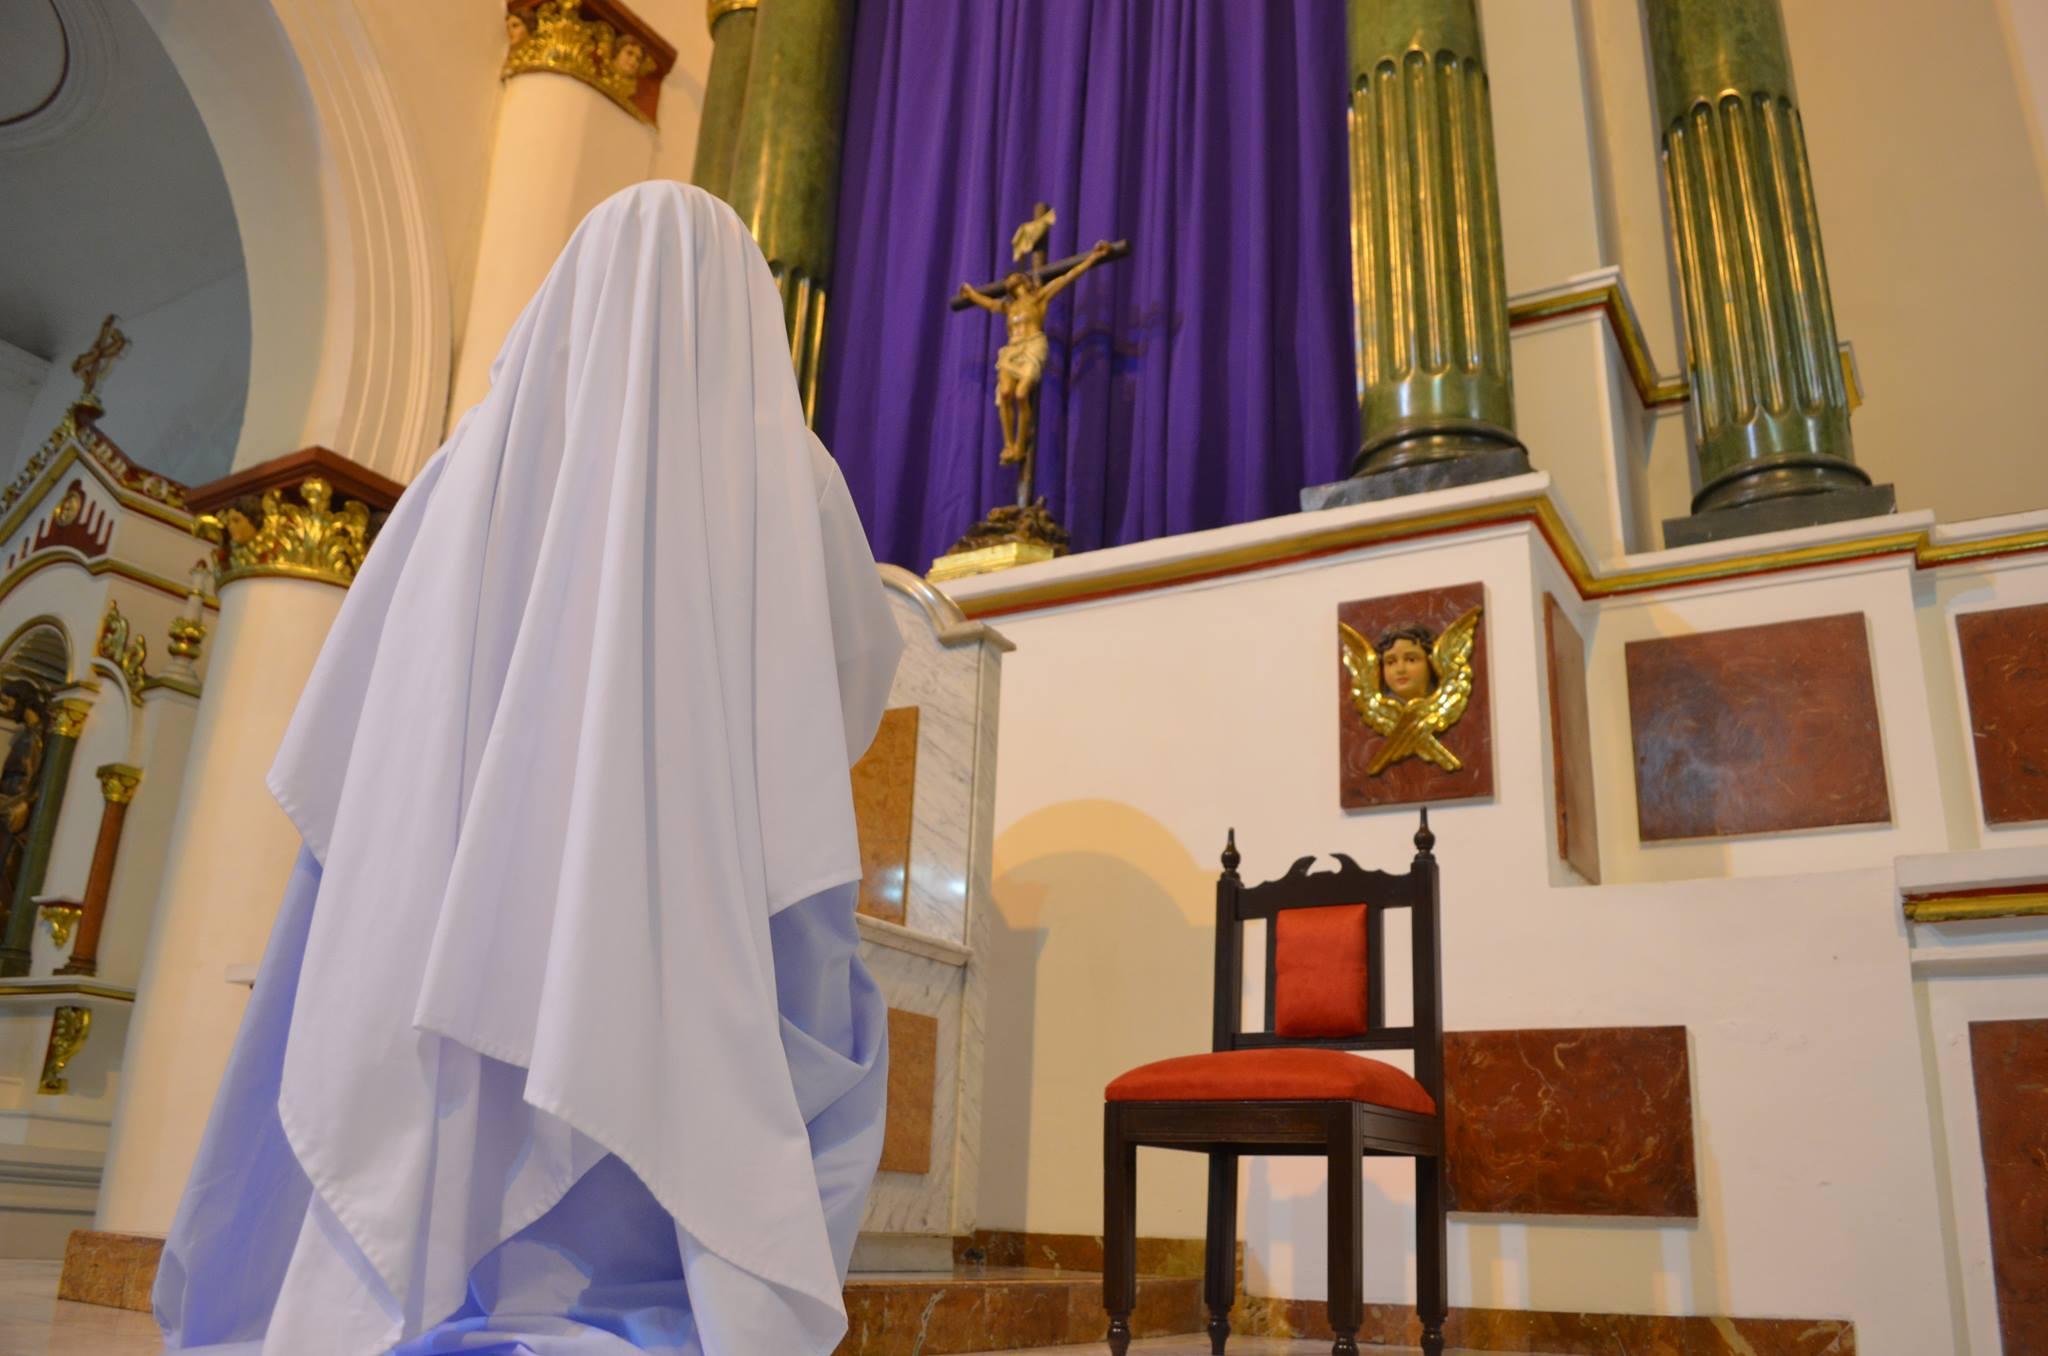 adoracion eucaristica krouillong comunion en la mano es sacrilegio (2)